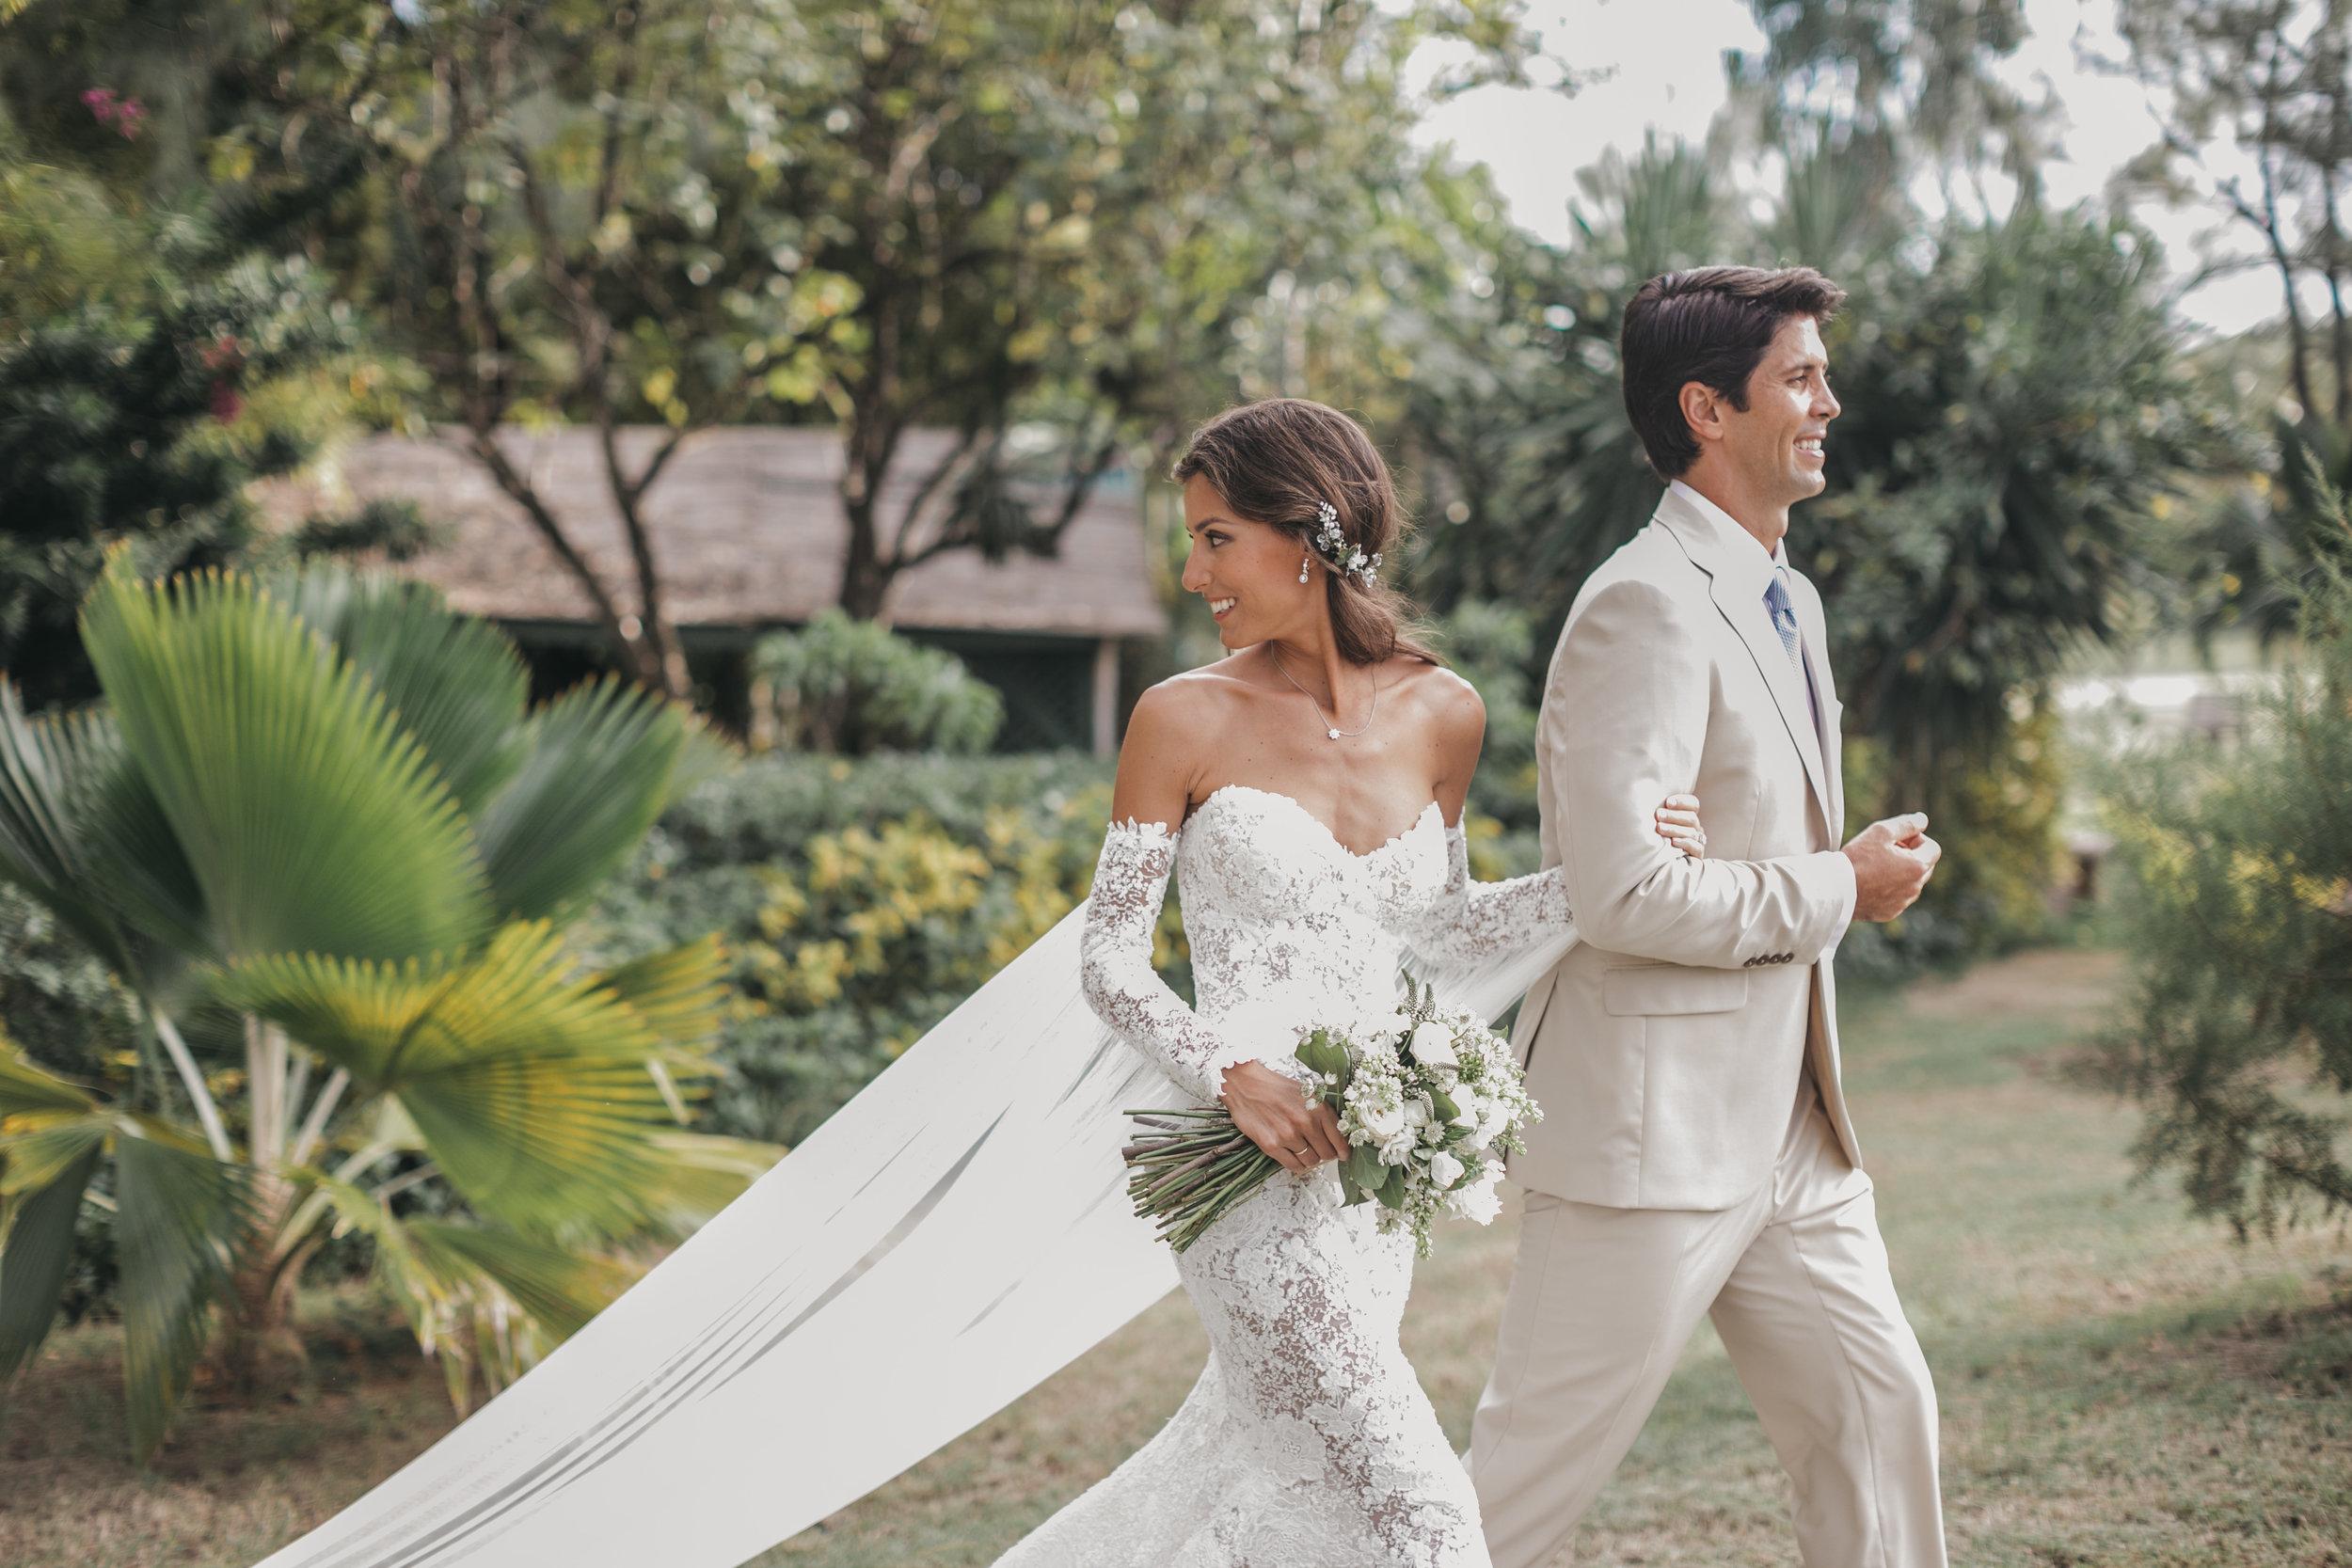 Fotografo de bodas españa serafin castillo wedding photographer spain 070.jpg